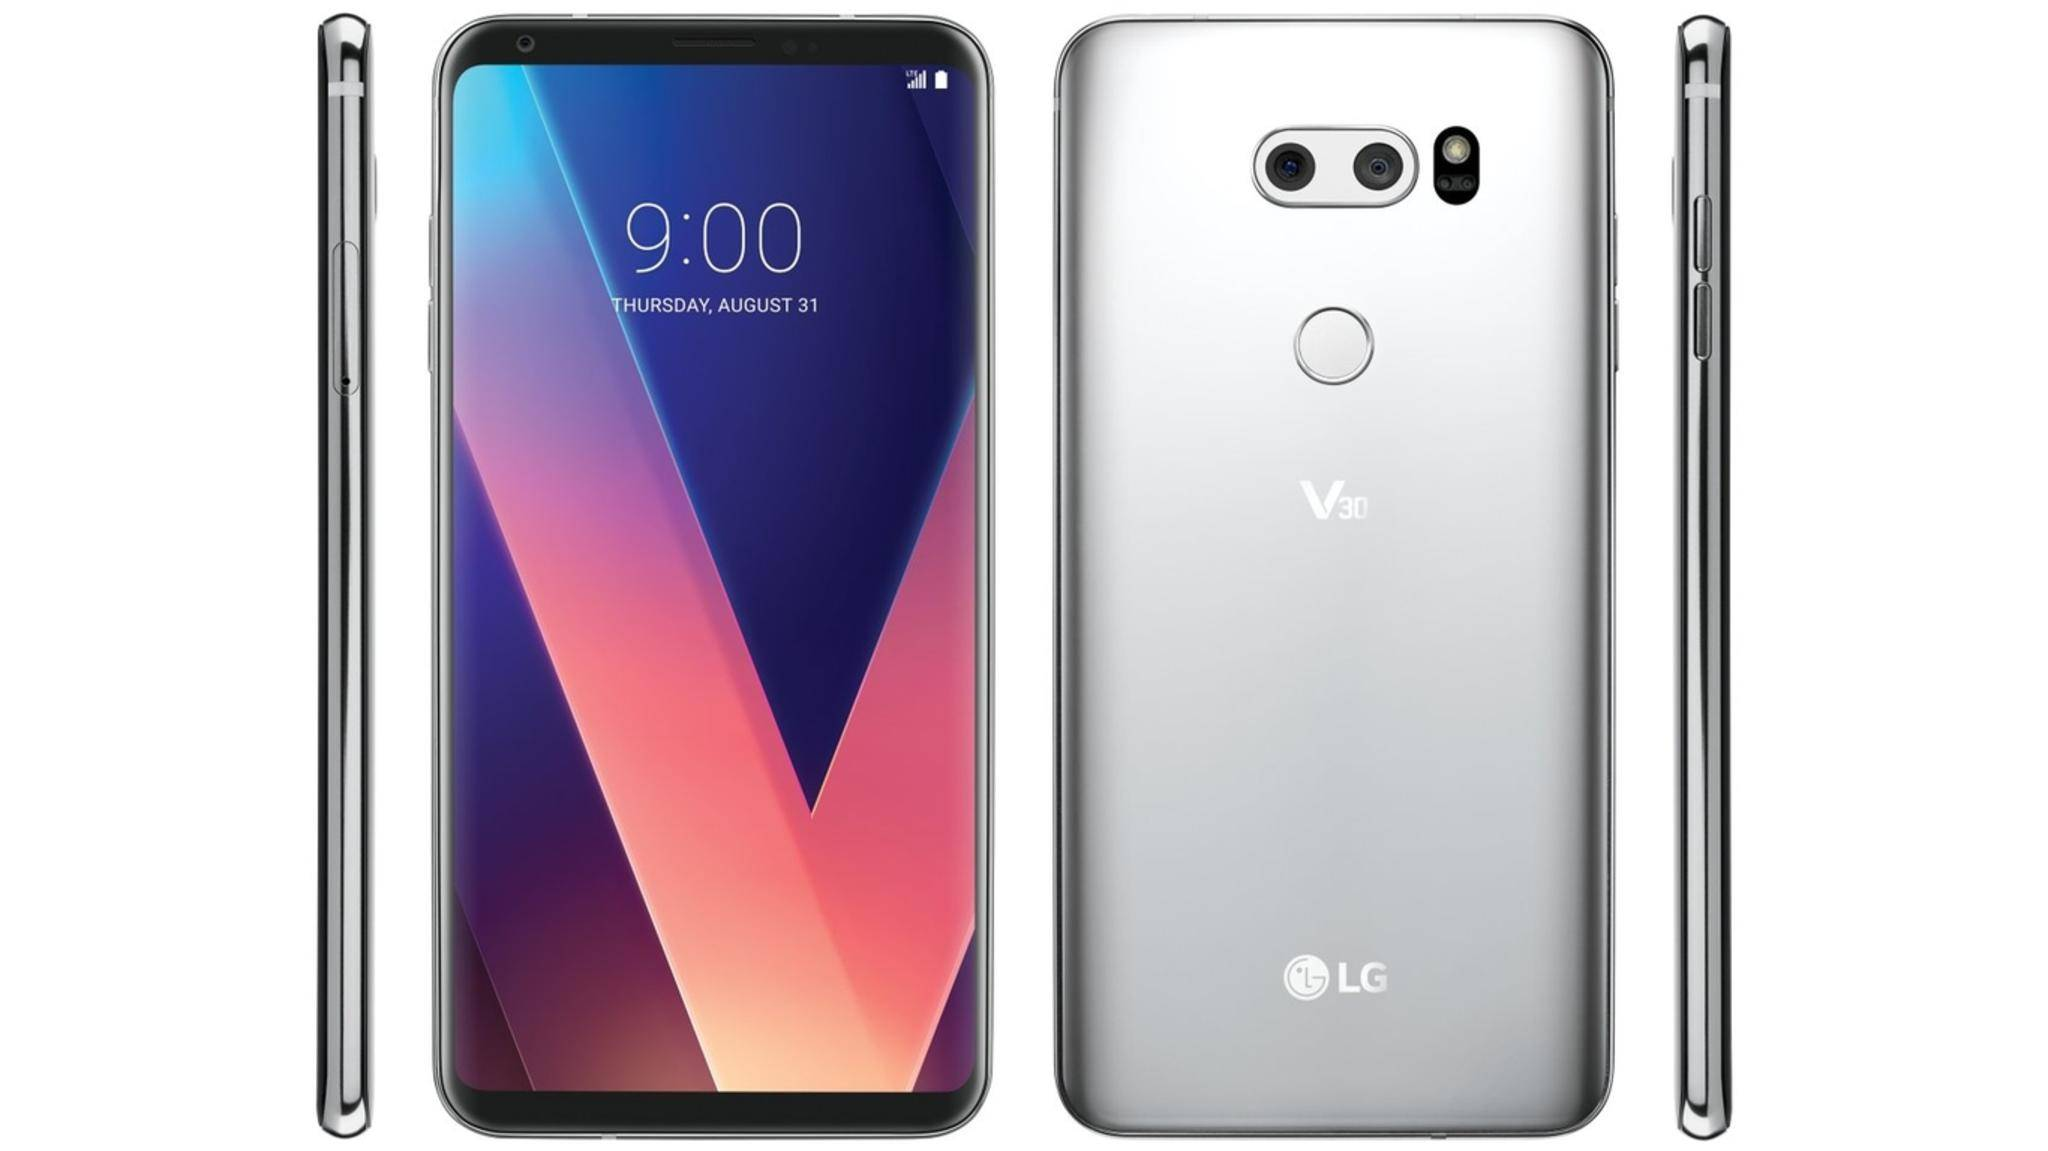 Das Note 8 wird schon vor der Messe präsentiert, aber die offizielle Vorstellung des LG V30 ist für die IFA geplant.